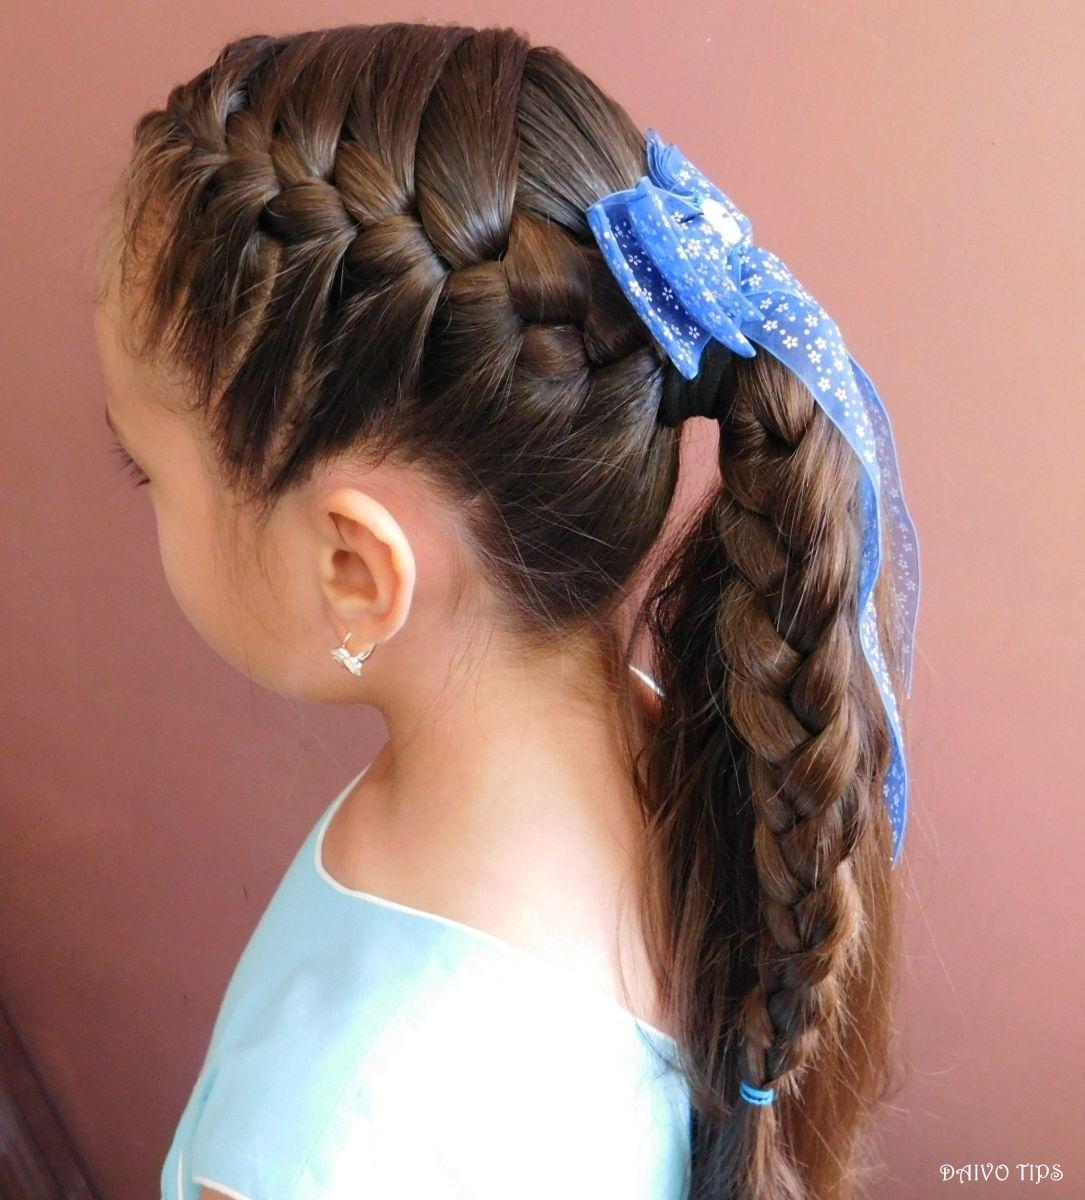 Trenza Lateral De Tres Cabos Con Coleta Peinado Facil Para La Escuela Peinados Faciles Para La Escuela Peinado Facil Peinados